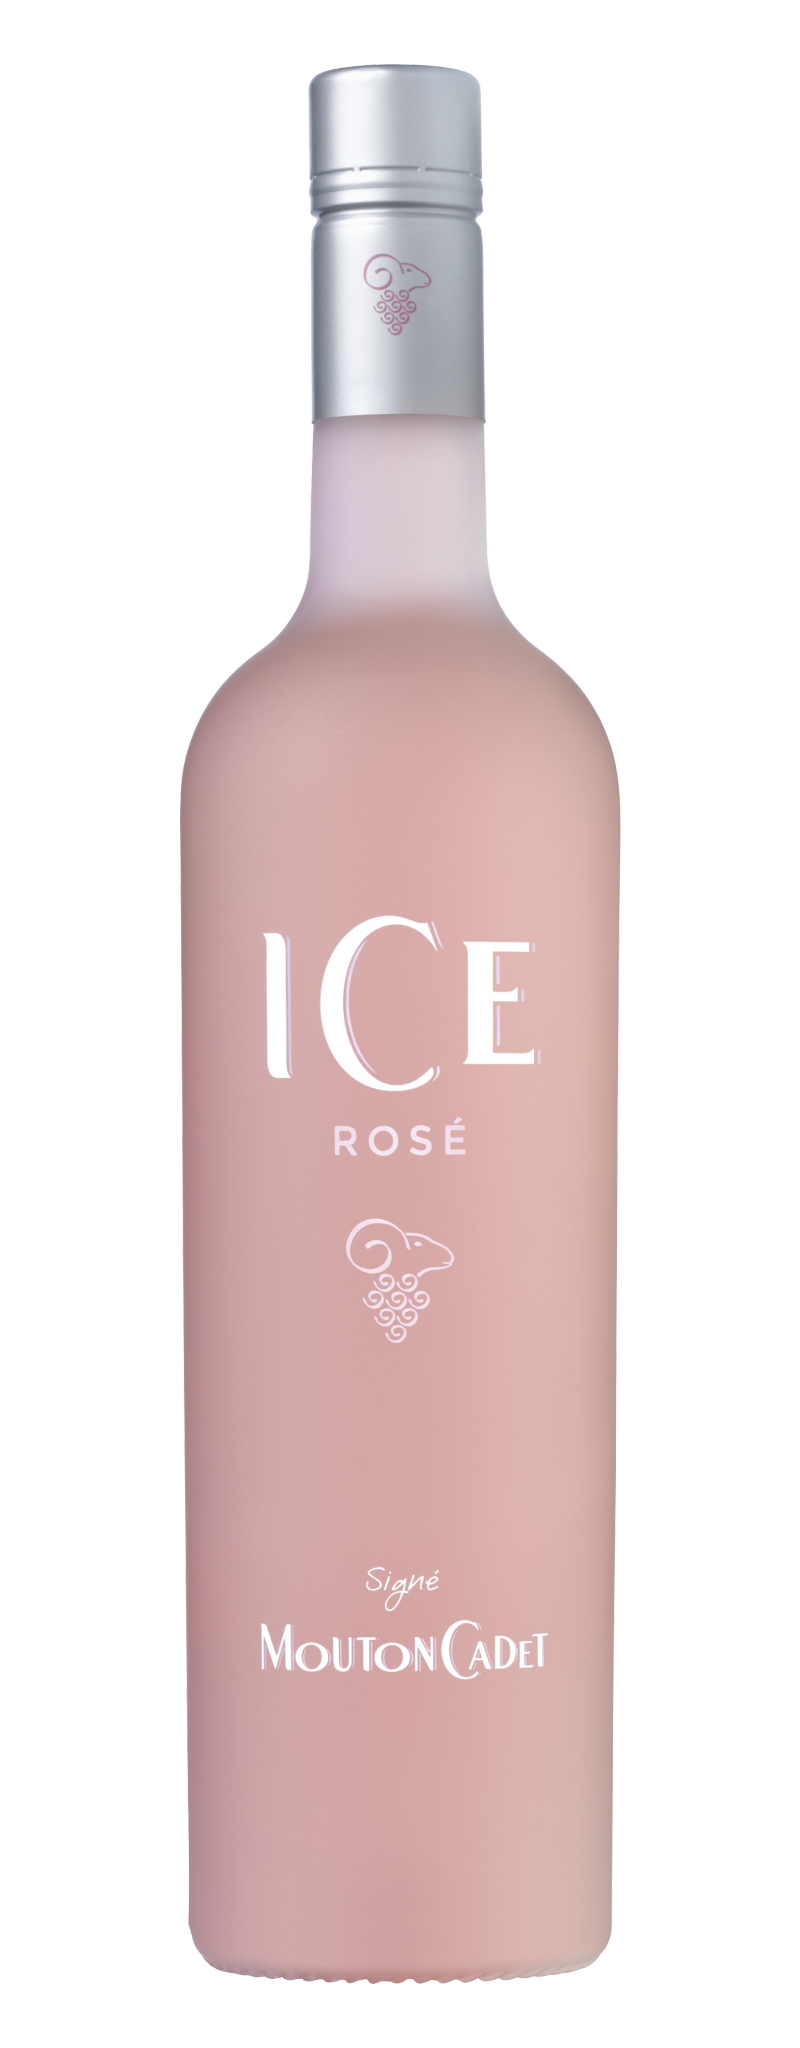 Mouton Cadet Ice Rose  - 1.5L